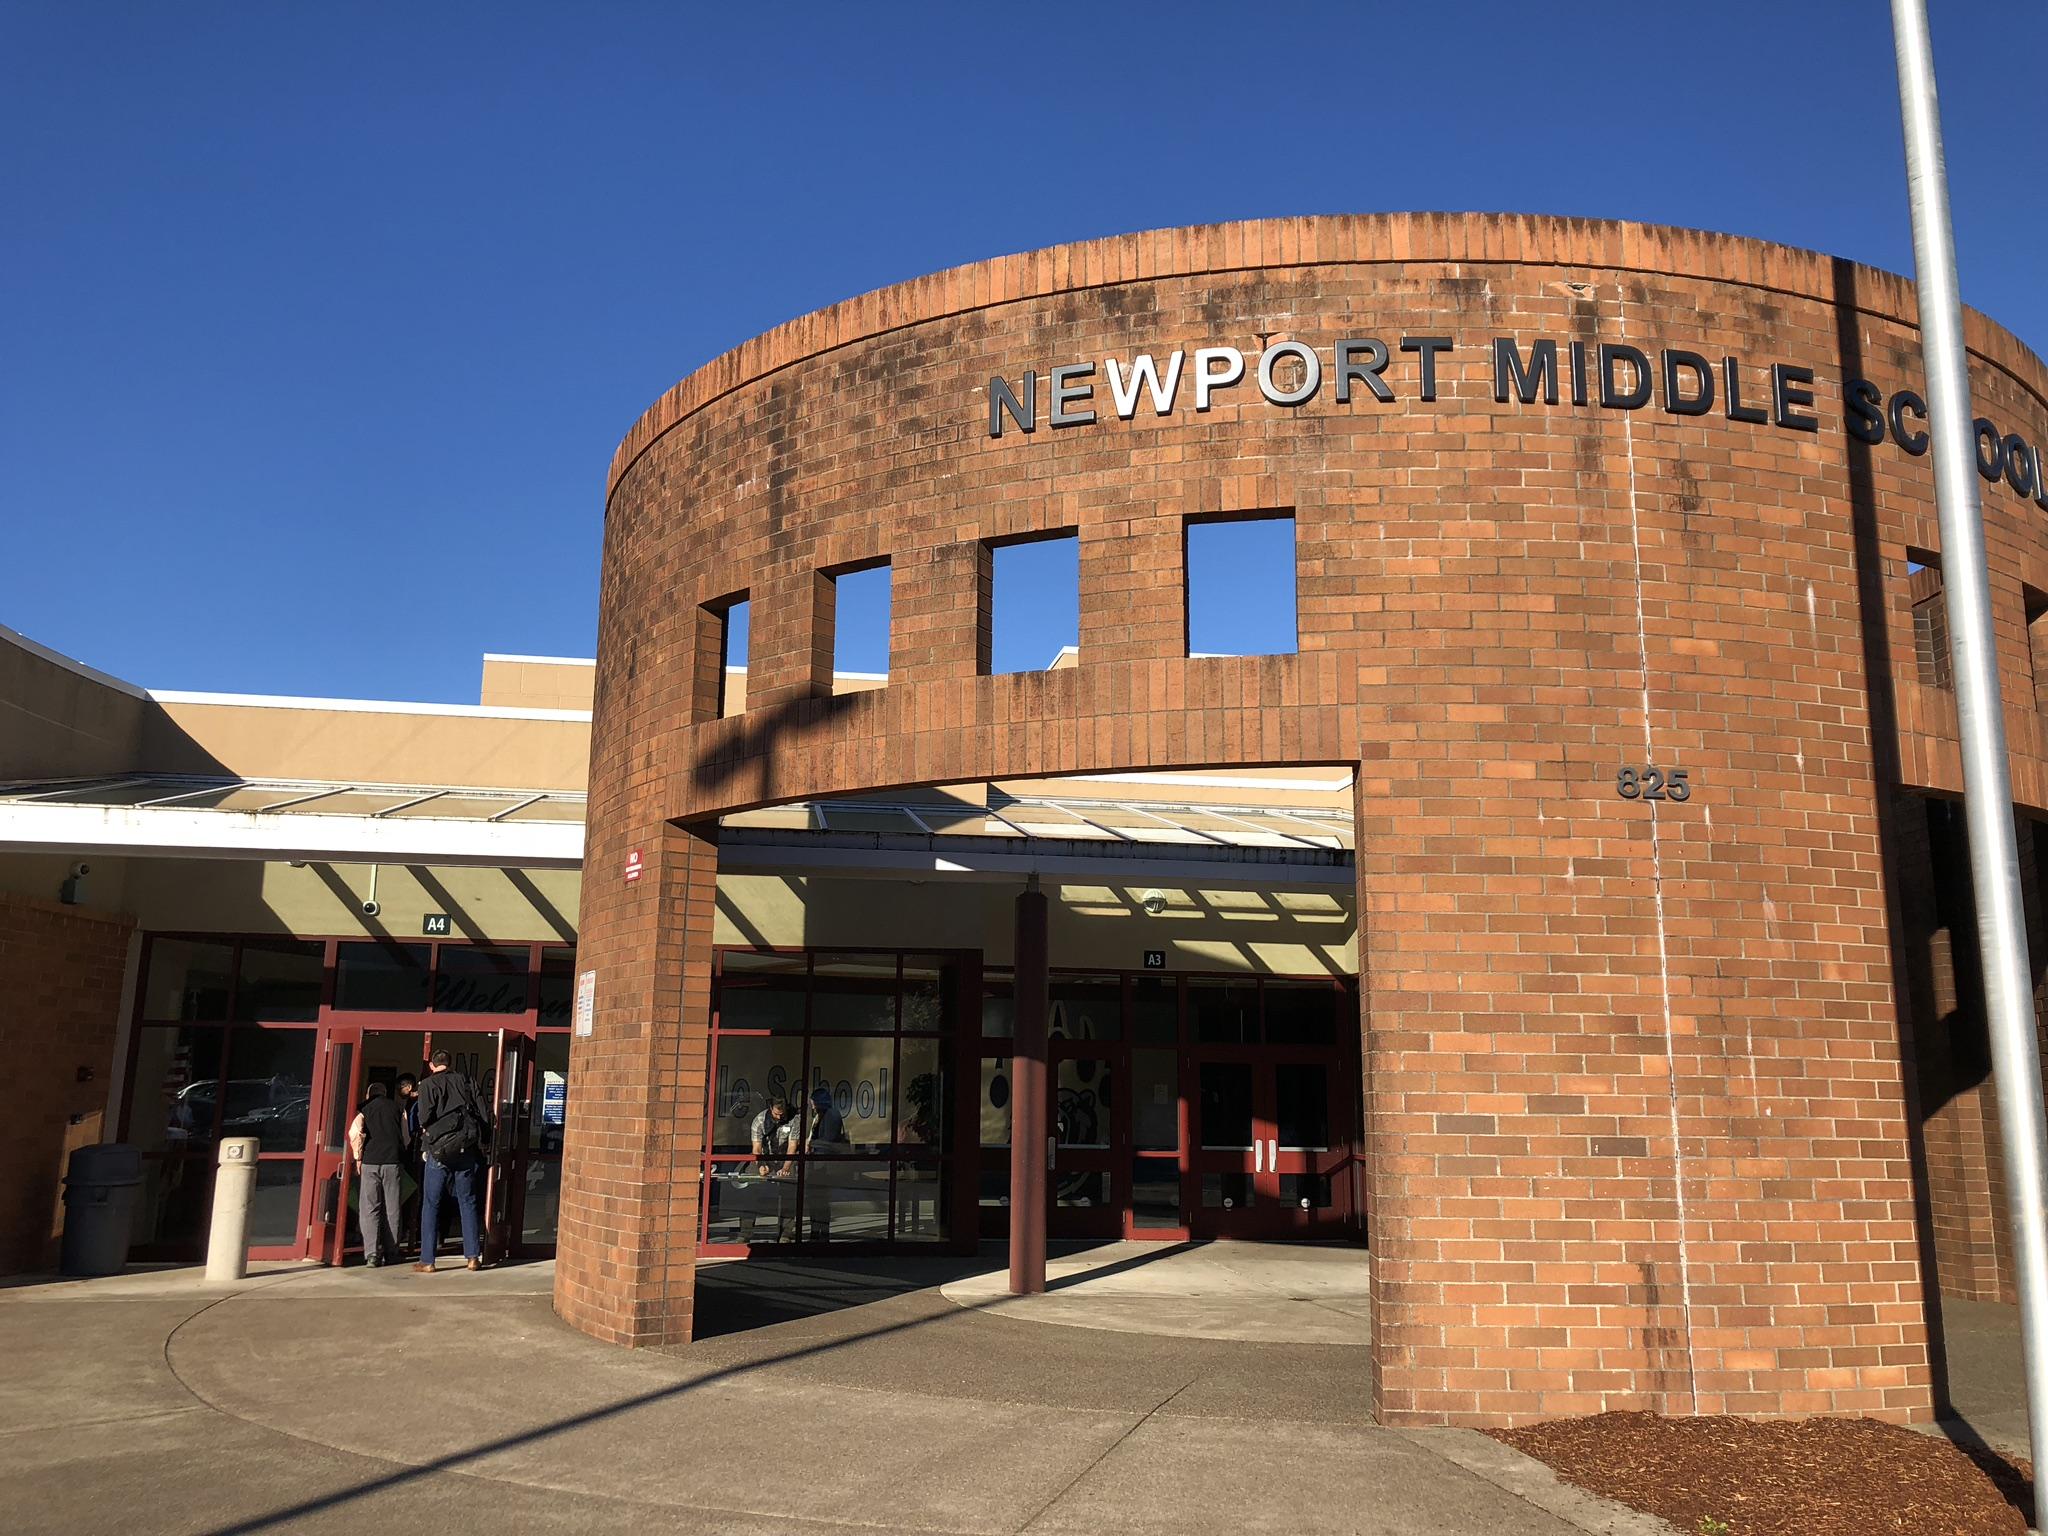 Newport Middle School